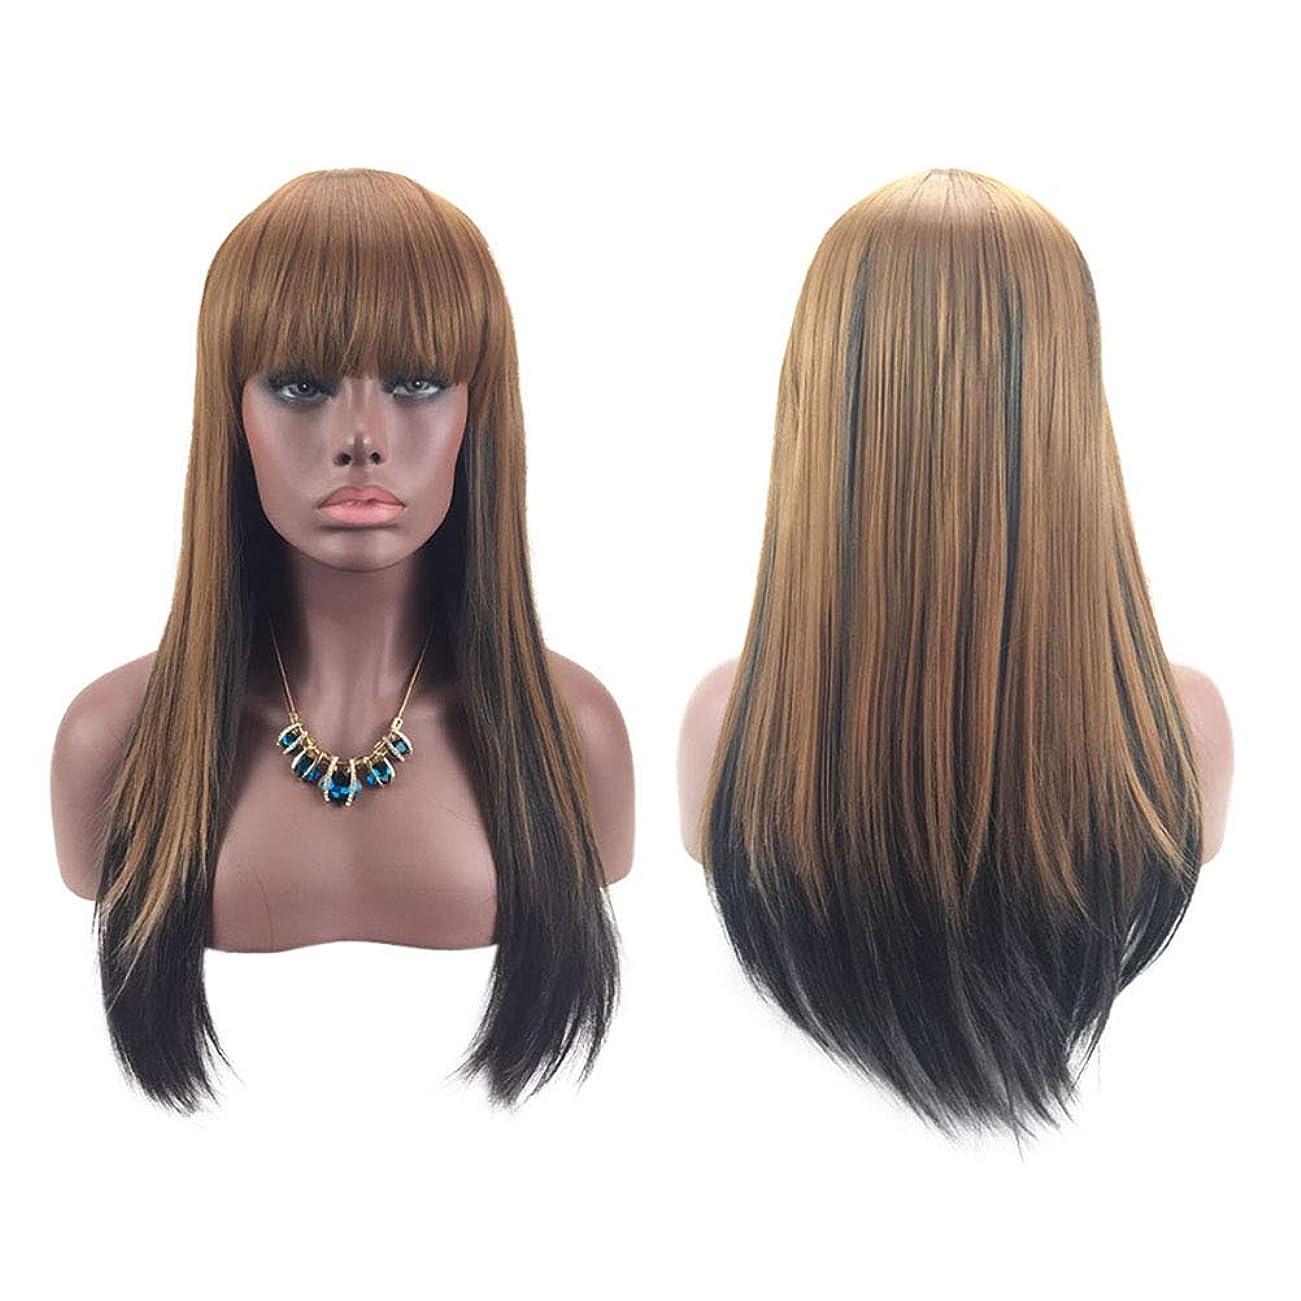 対角線輝くピーク女性ファッションロングストレートヘアウィッグ自然に見える絶妙な弾性ネットウィッグカバー(OM-3509)